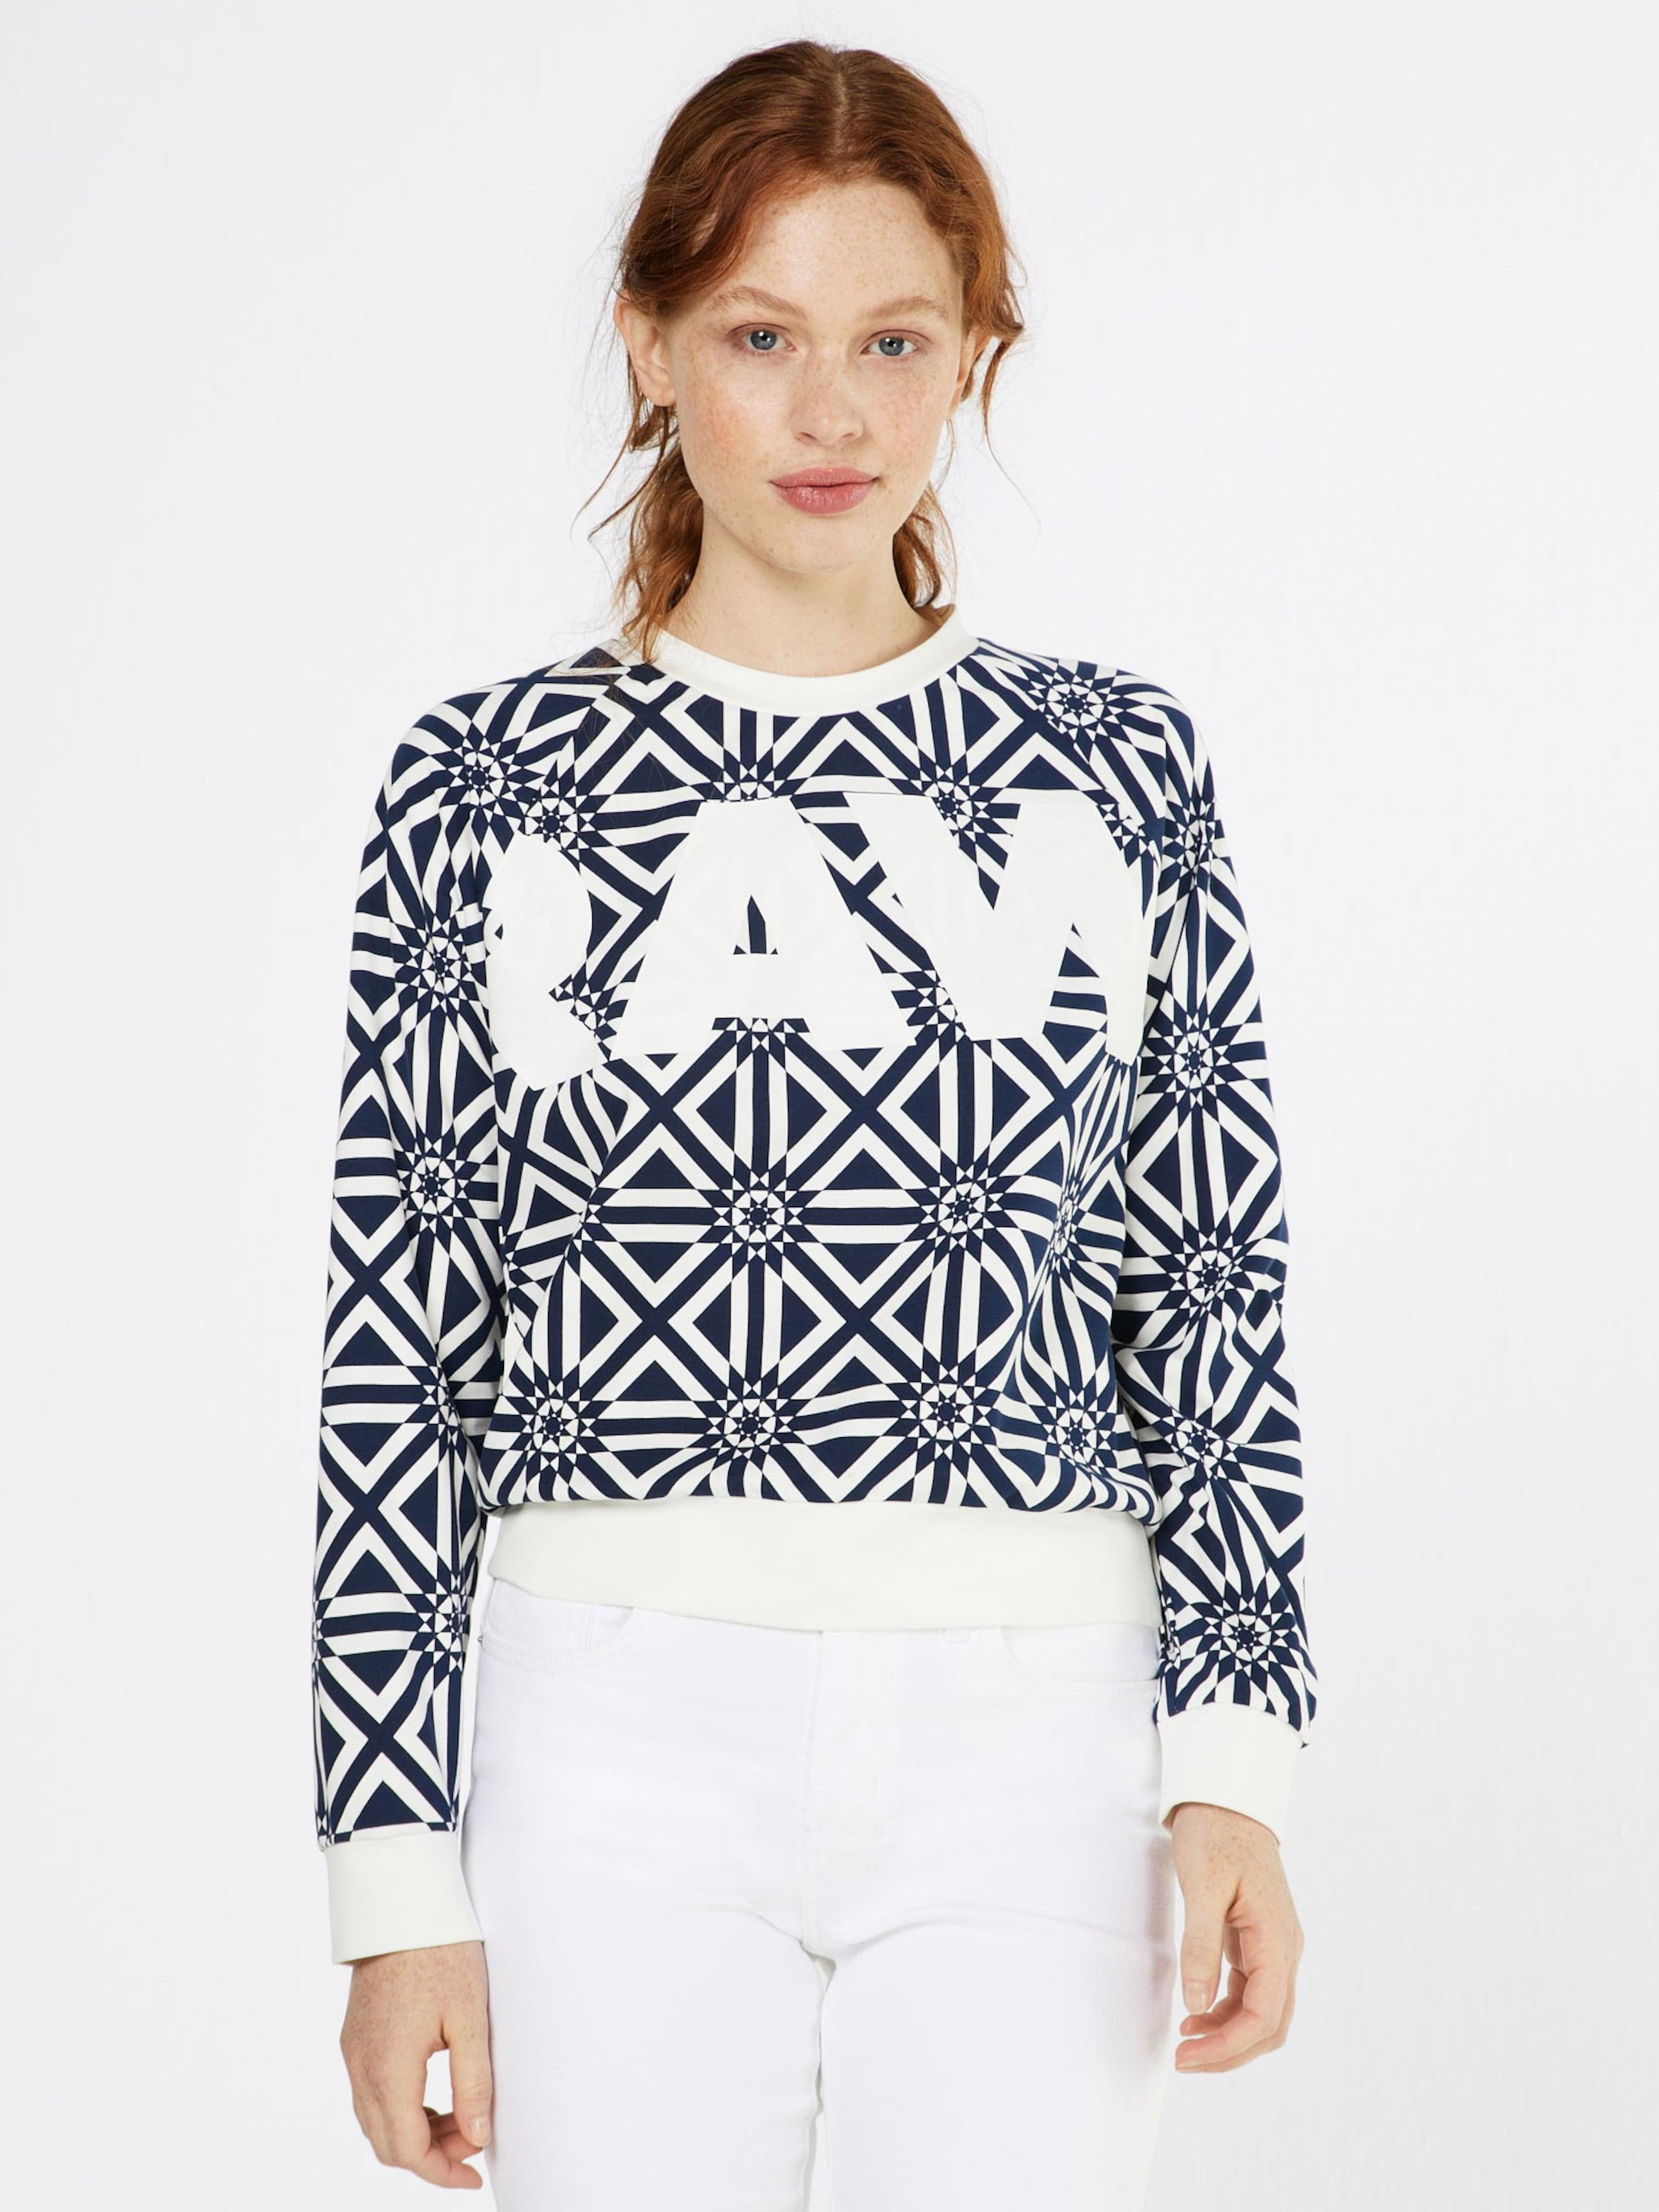 G-STAR RAW Sweatshirt 'RC' Verkauf Freies Verschiffen JBrNE4yi